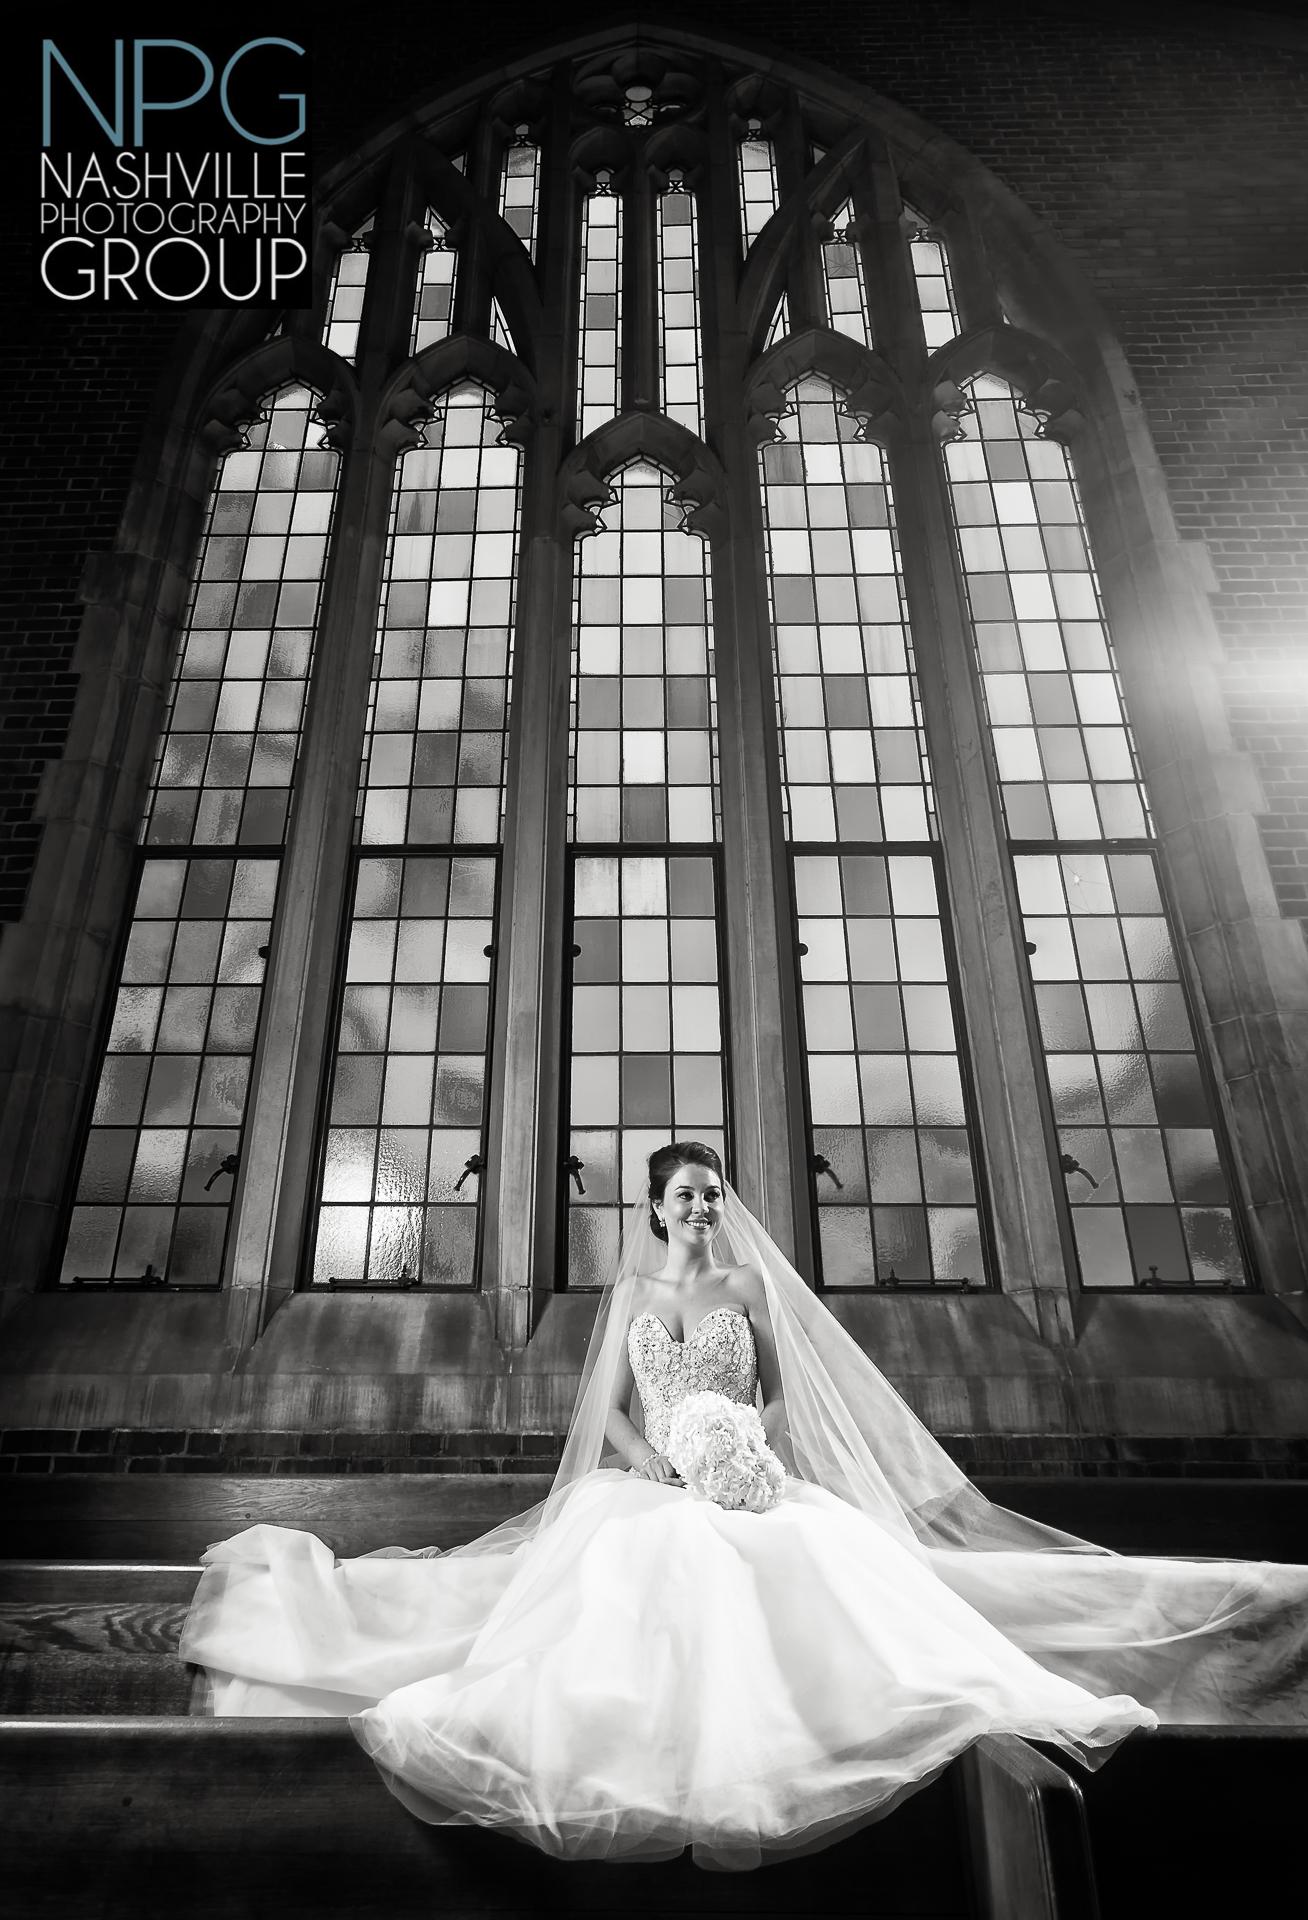 nashville wedding photographer - nashville photography group (2 of 4).jpg